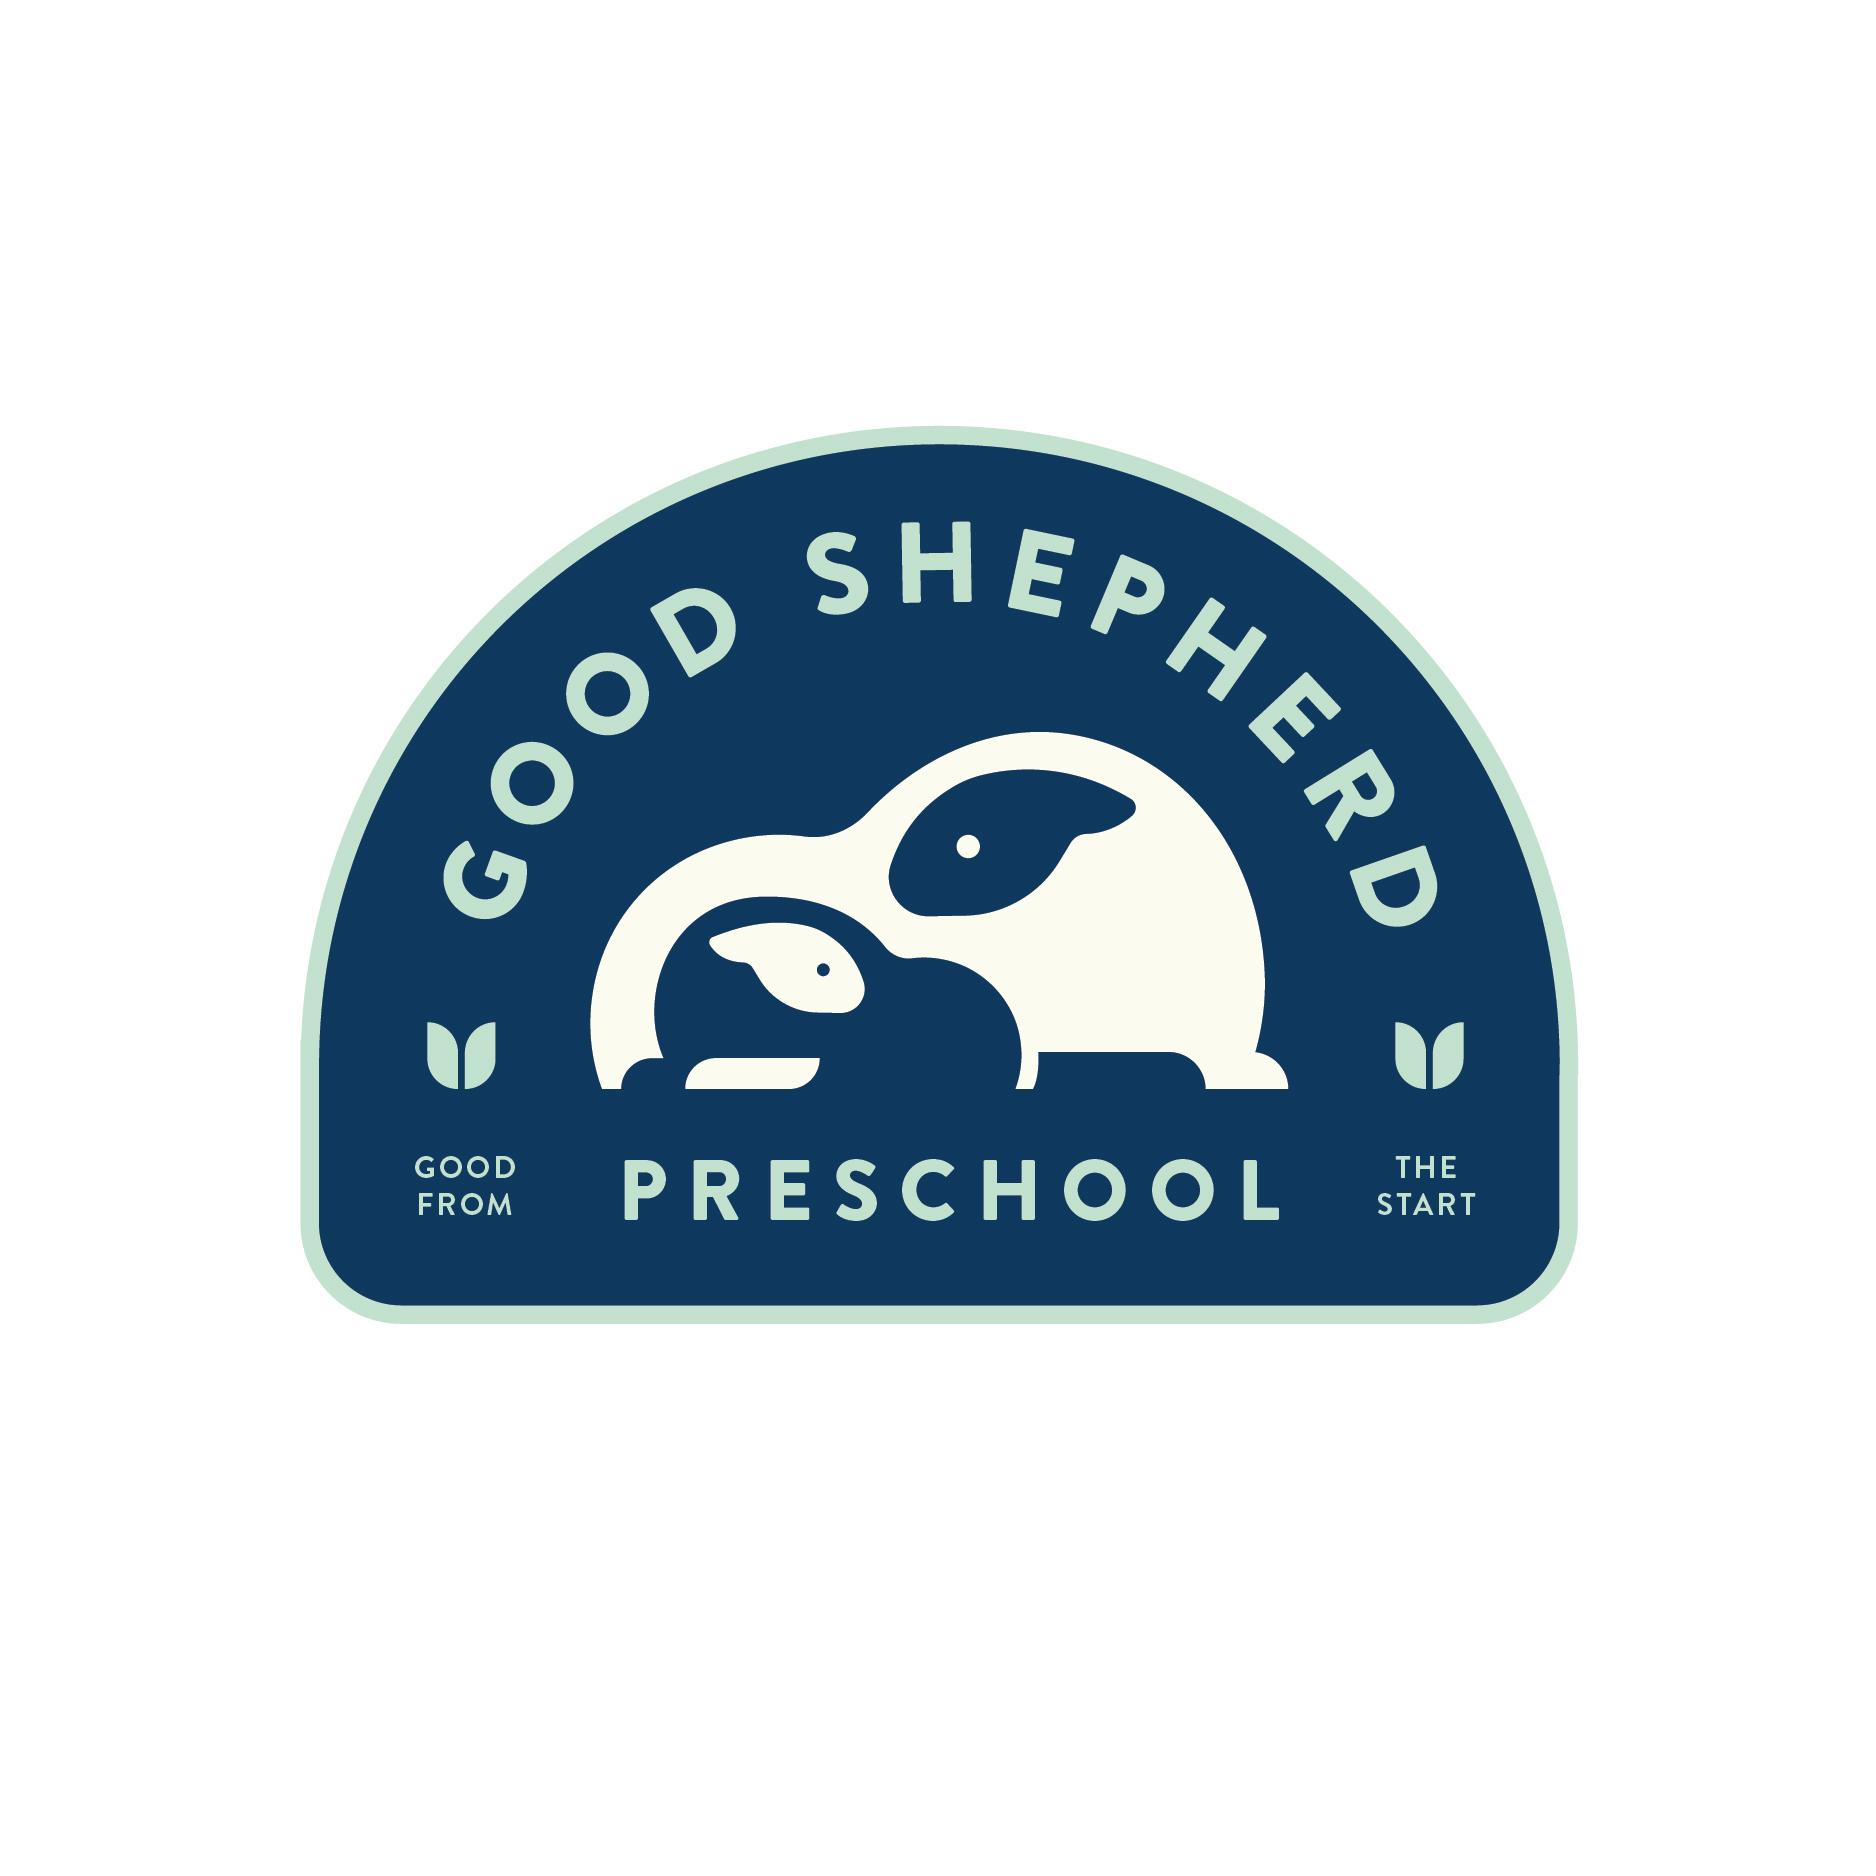 GSP_logo_JarrettJohnston-06.jpg